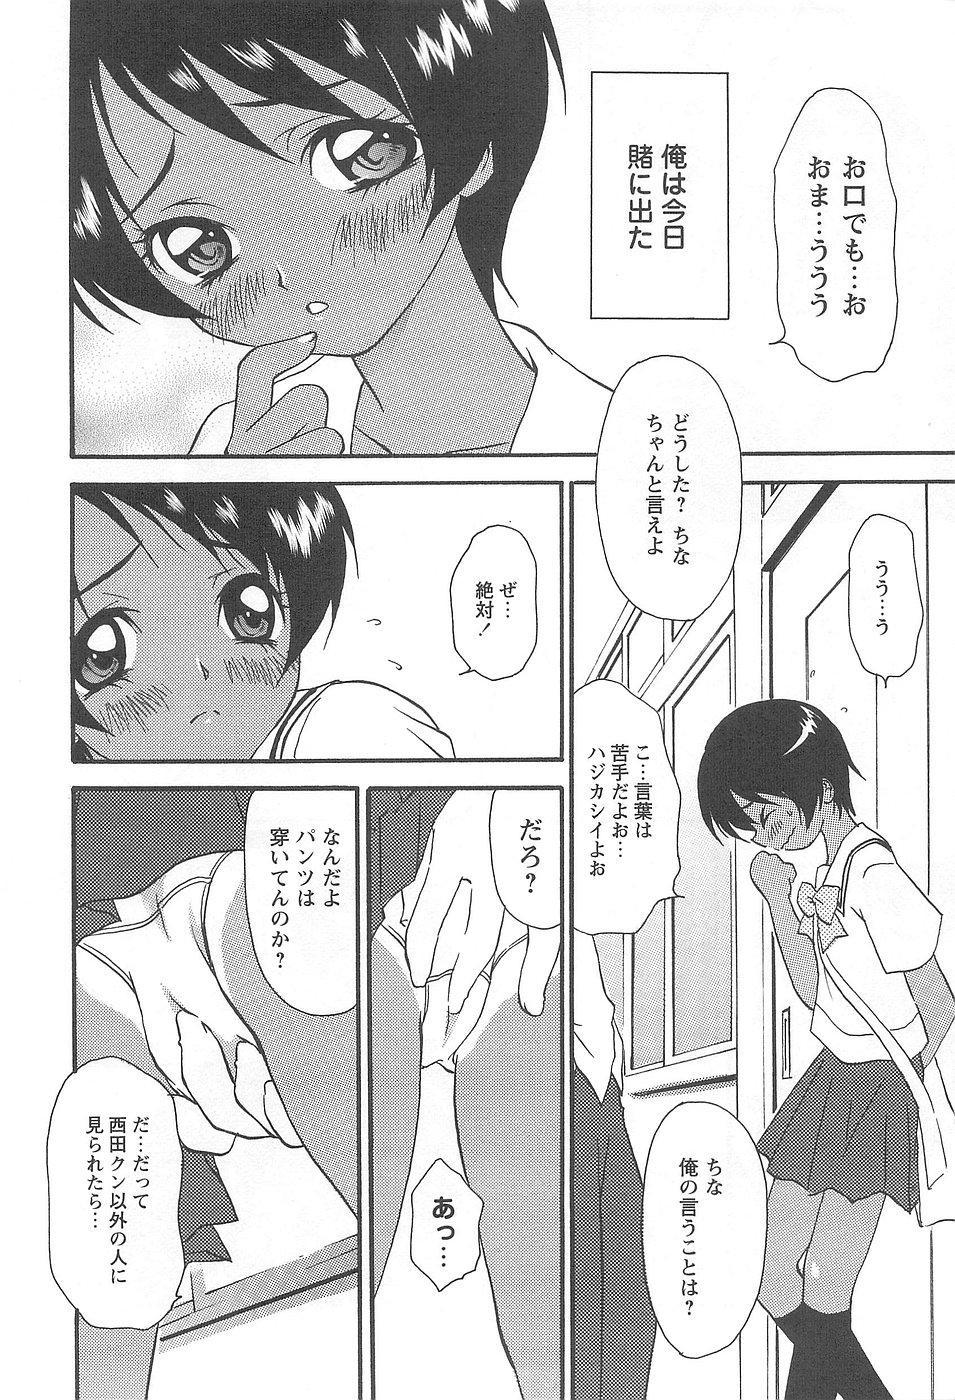 Shoujo Fuukei 51